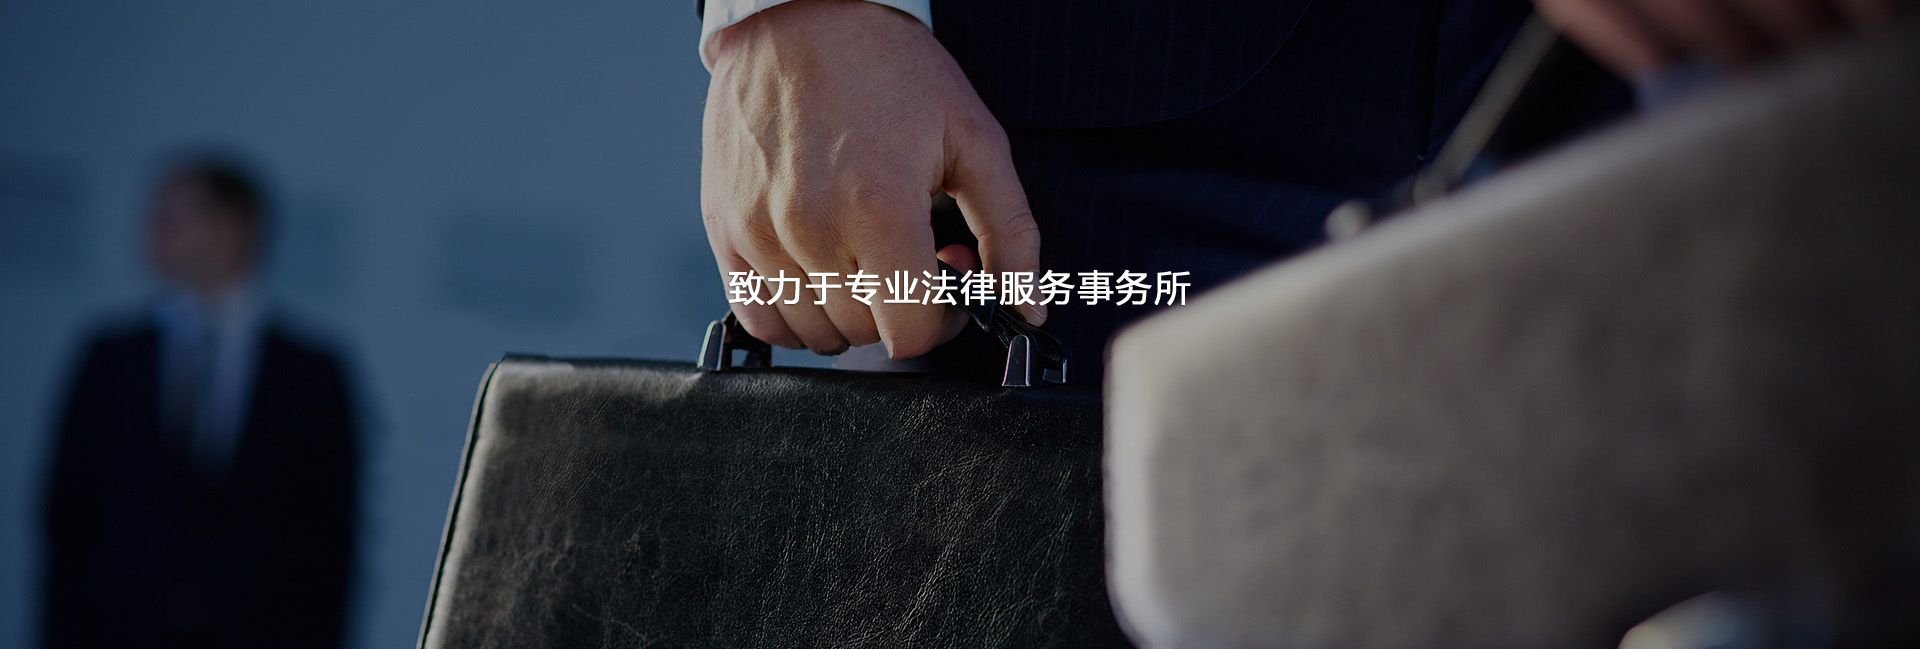 浦东川沙律师大图一